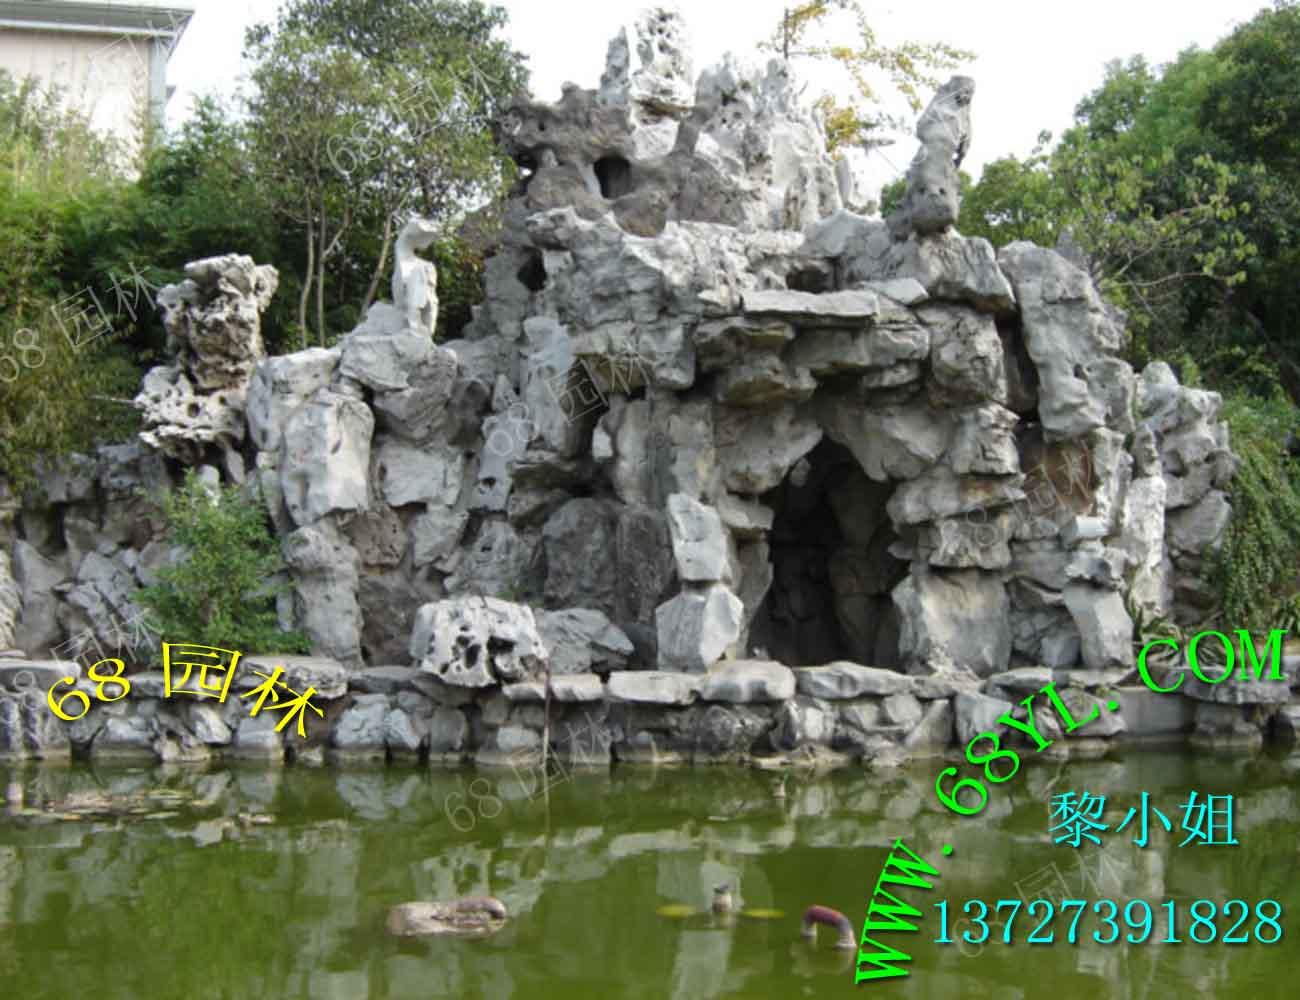 供应大型塑石假山,园林假山,仿真假山石